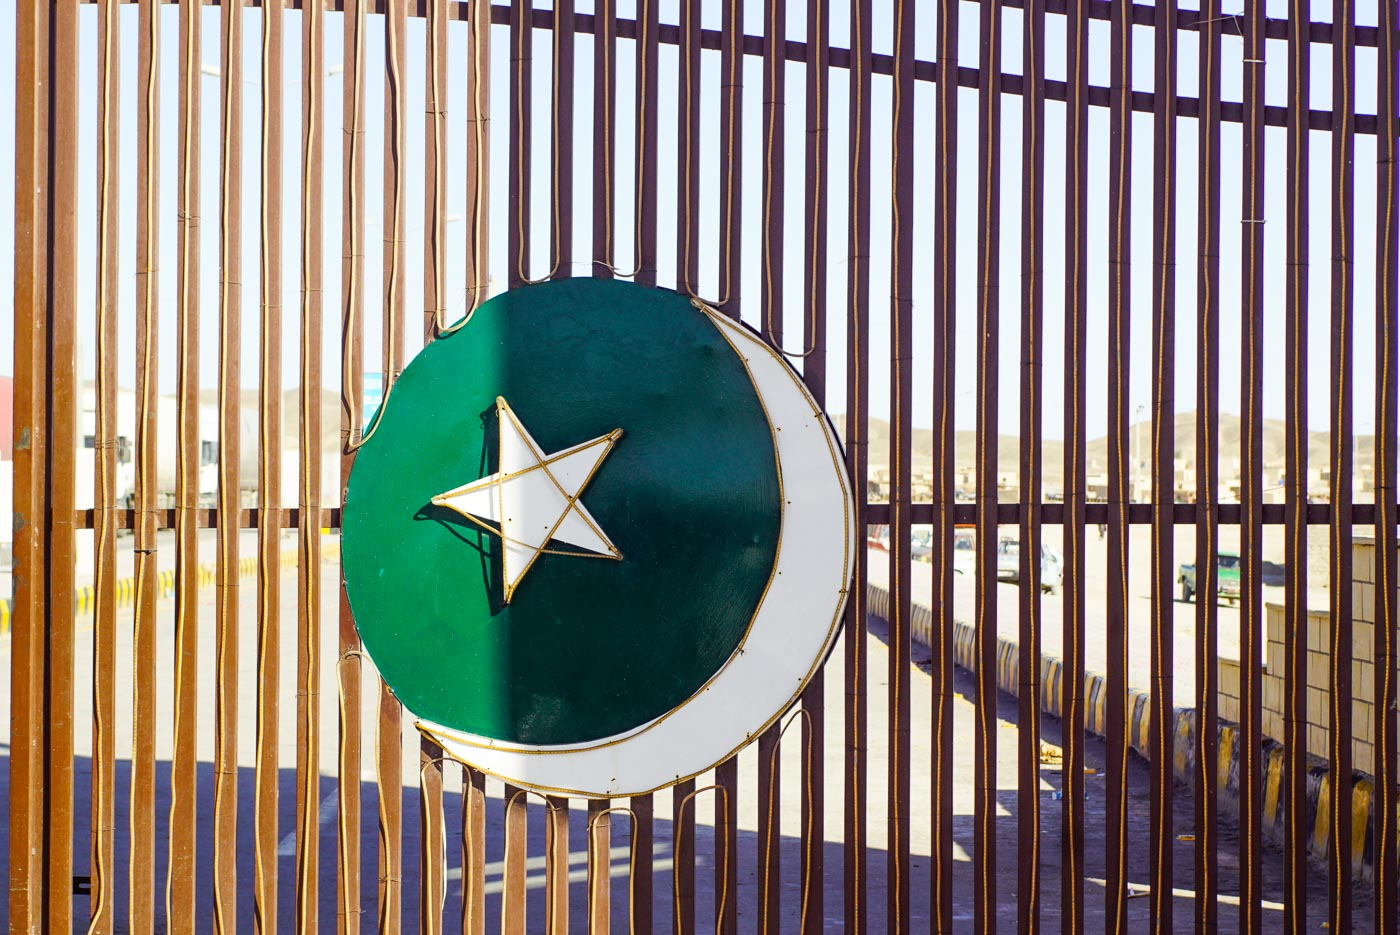 Zu sehen ist das Grenz Tor zwischen Iran und Pakistan. Es ist ein Metalltor auf dem ein grüner Kreis mit Mond und Stern zu sehen.